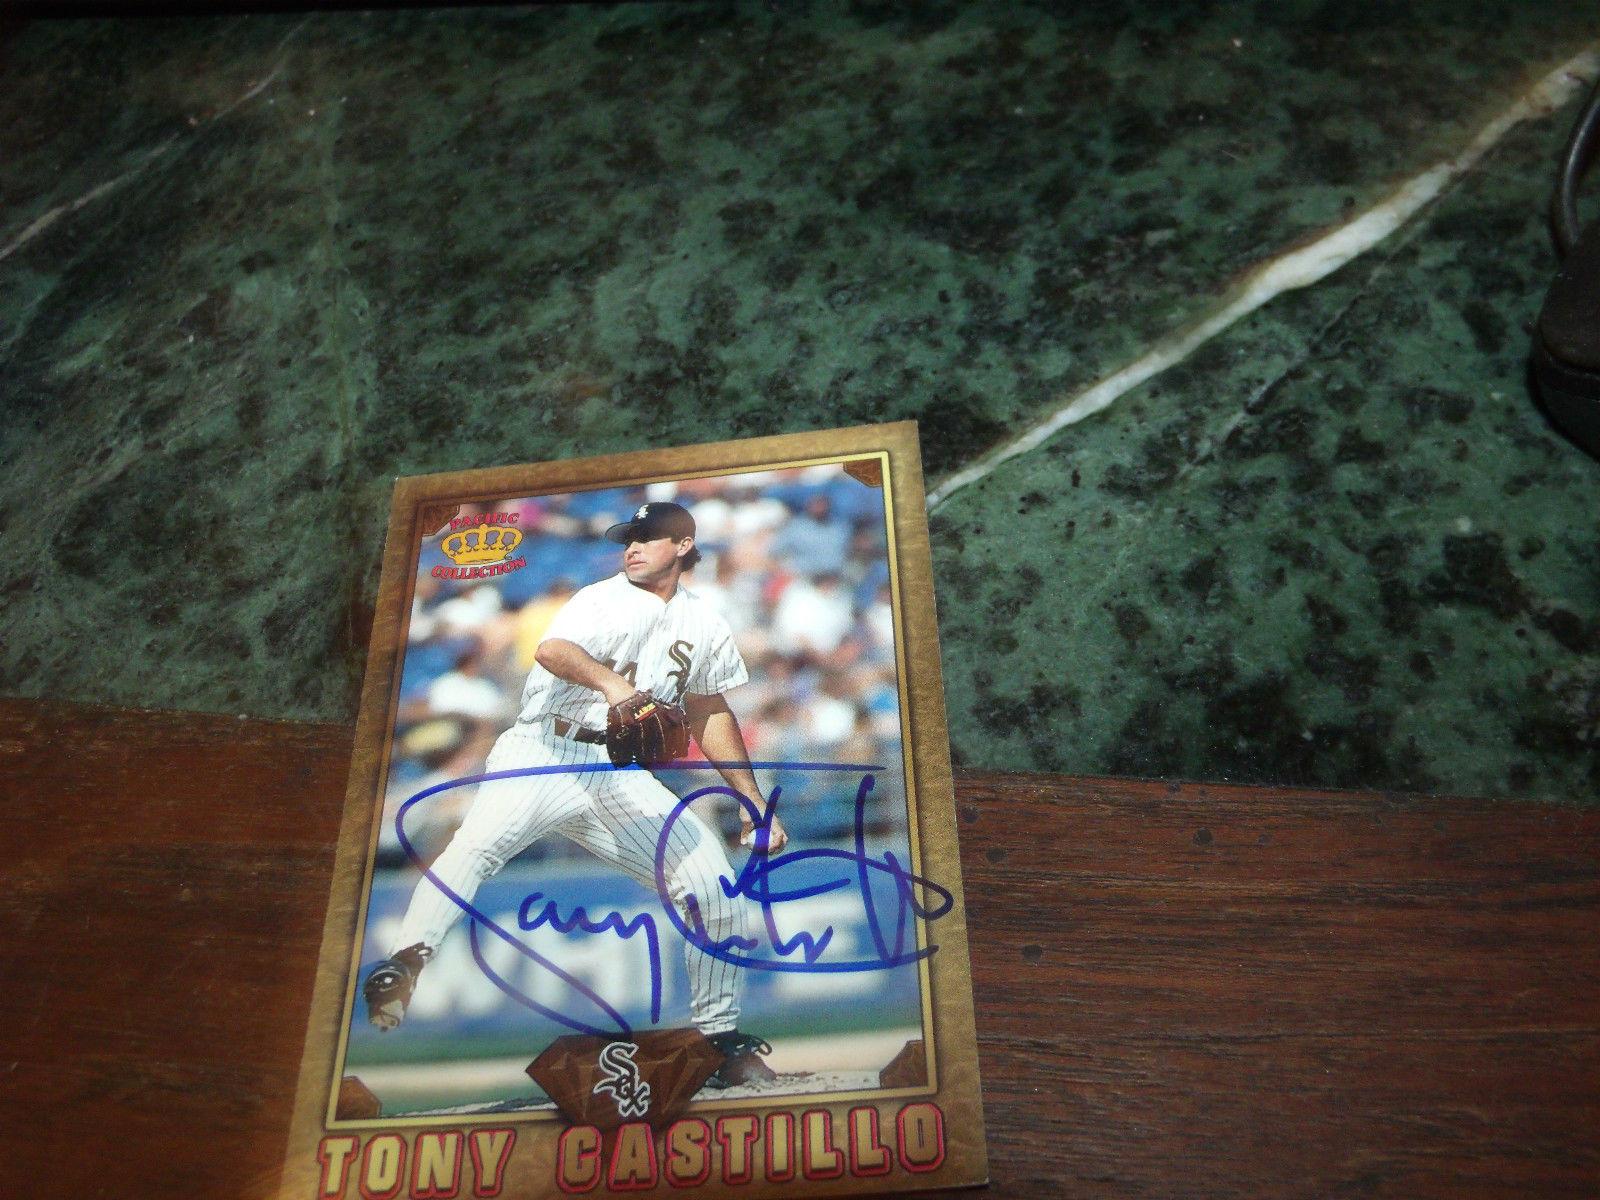 TONY CASTILLO HAND SIGNED 1997 PACIFIC BASEBALL CARD WHITE SOX